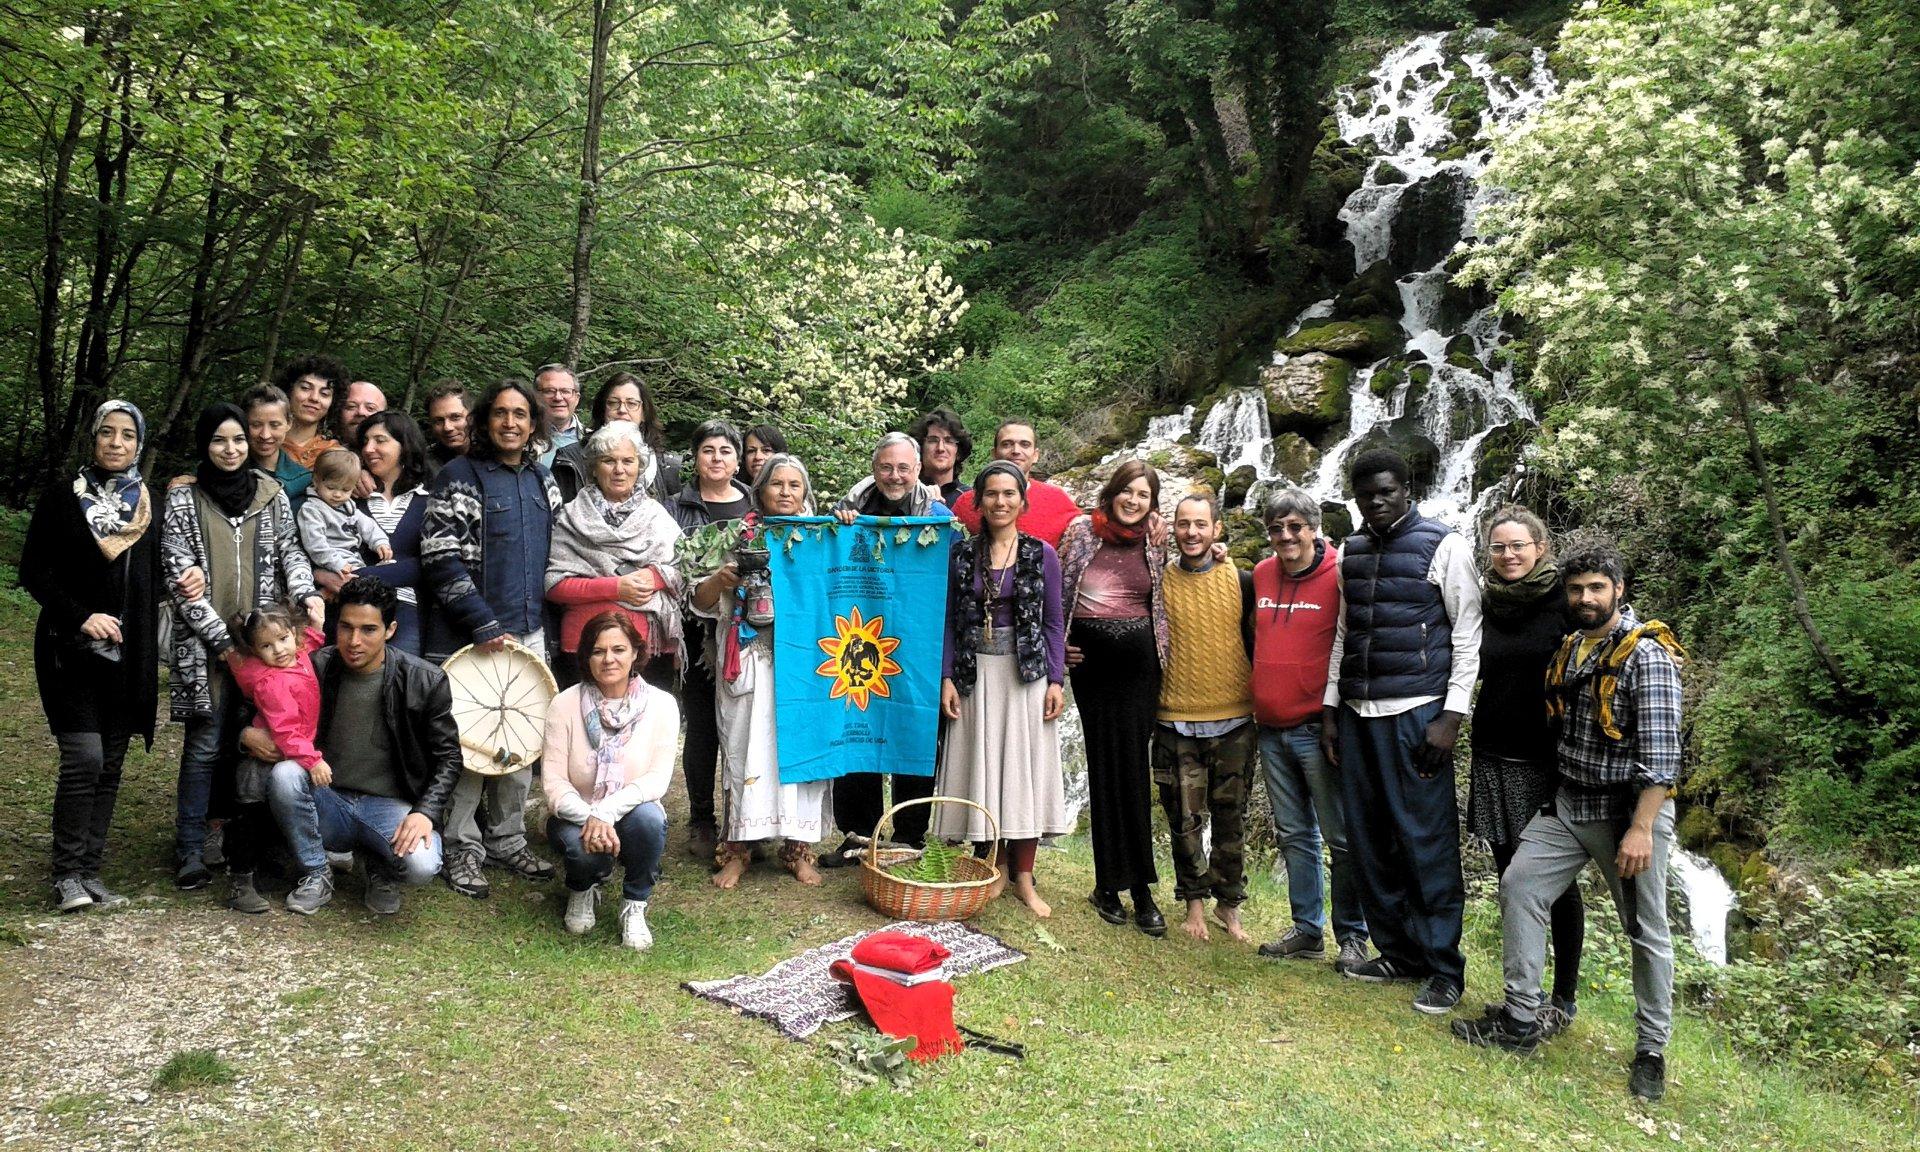 Migrazioni e accoglienza, tutto pronto per il campo di volontariato a Cantalupo. Iniziativa a cura dell'associazione Arcivescovo Ettore di Filippo.